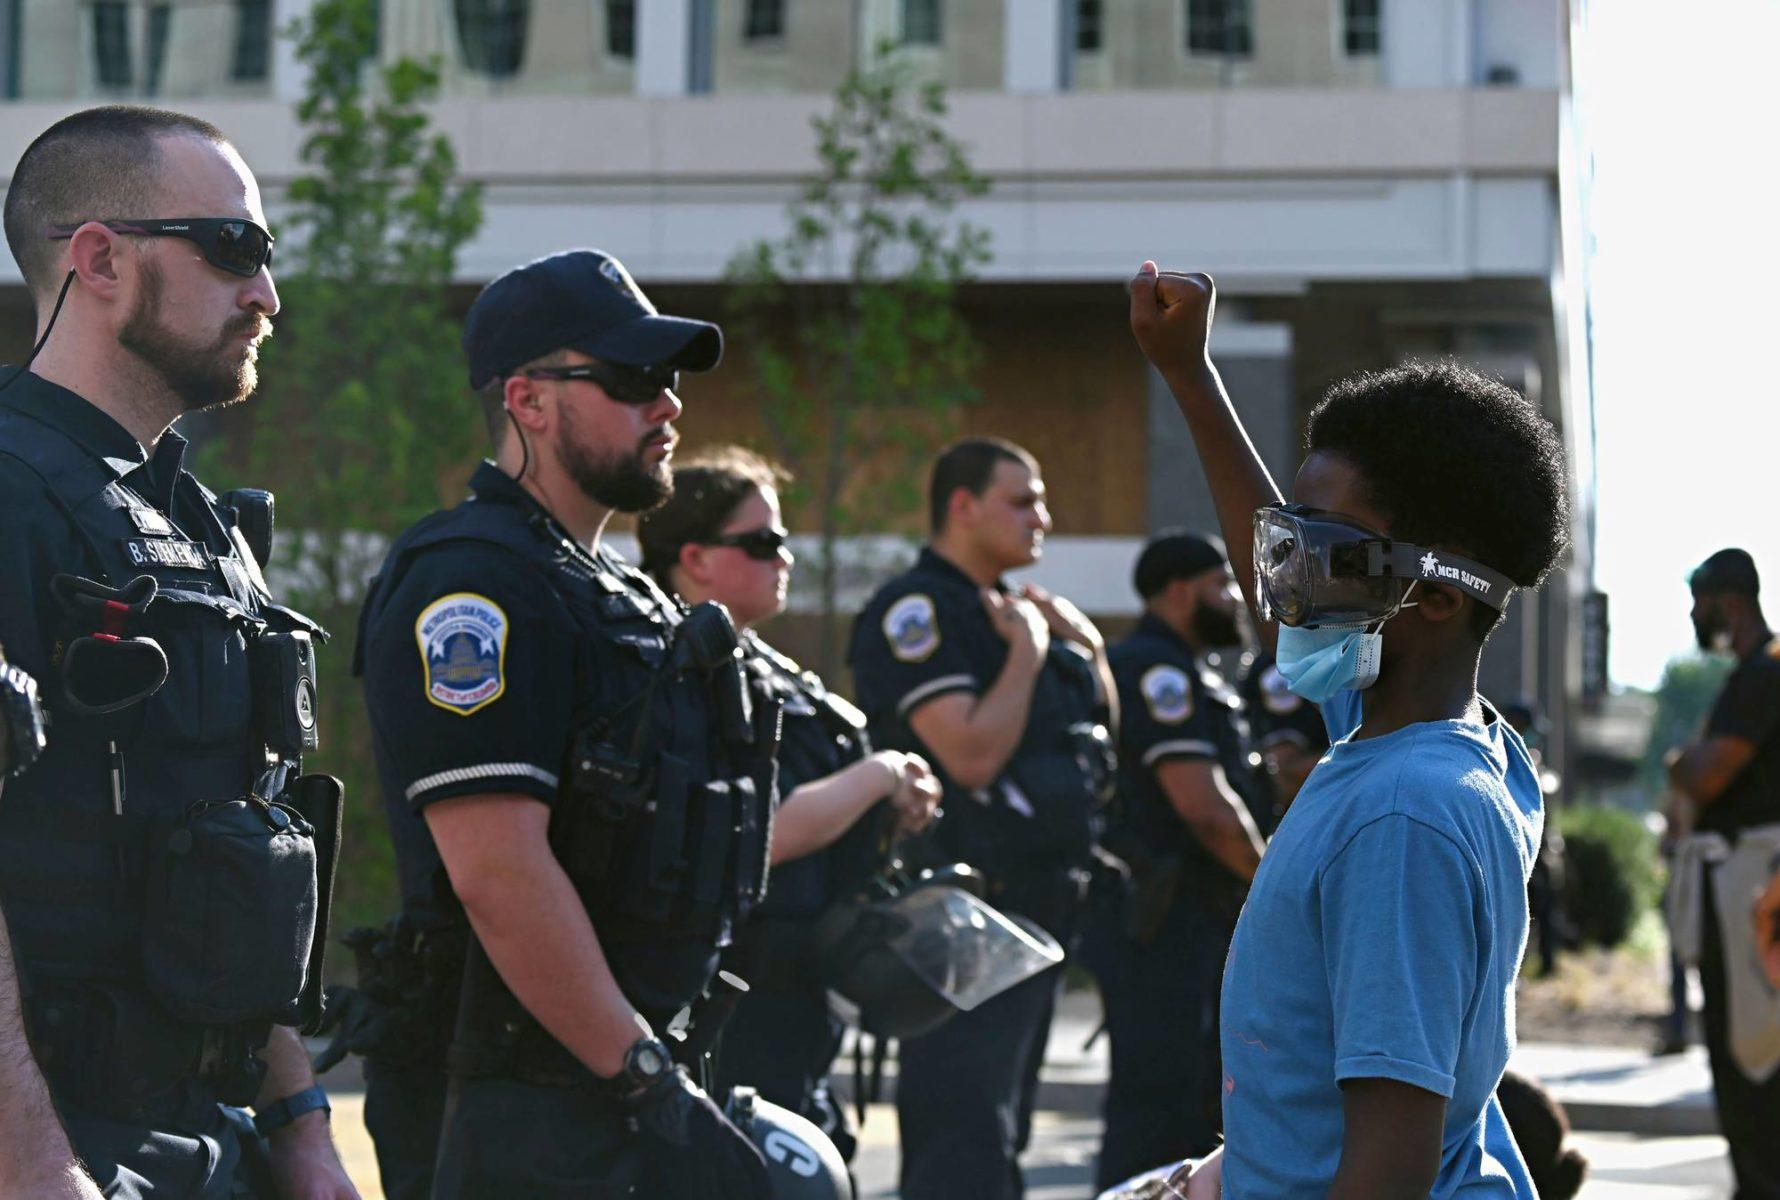 Newyorkilainen Jacob Belay Barack Smith, 10, osallistui Black lives matter -mielenosoitukseen Valkoisen talon lähellä Washingtonissa 23. kesäkuuta.